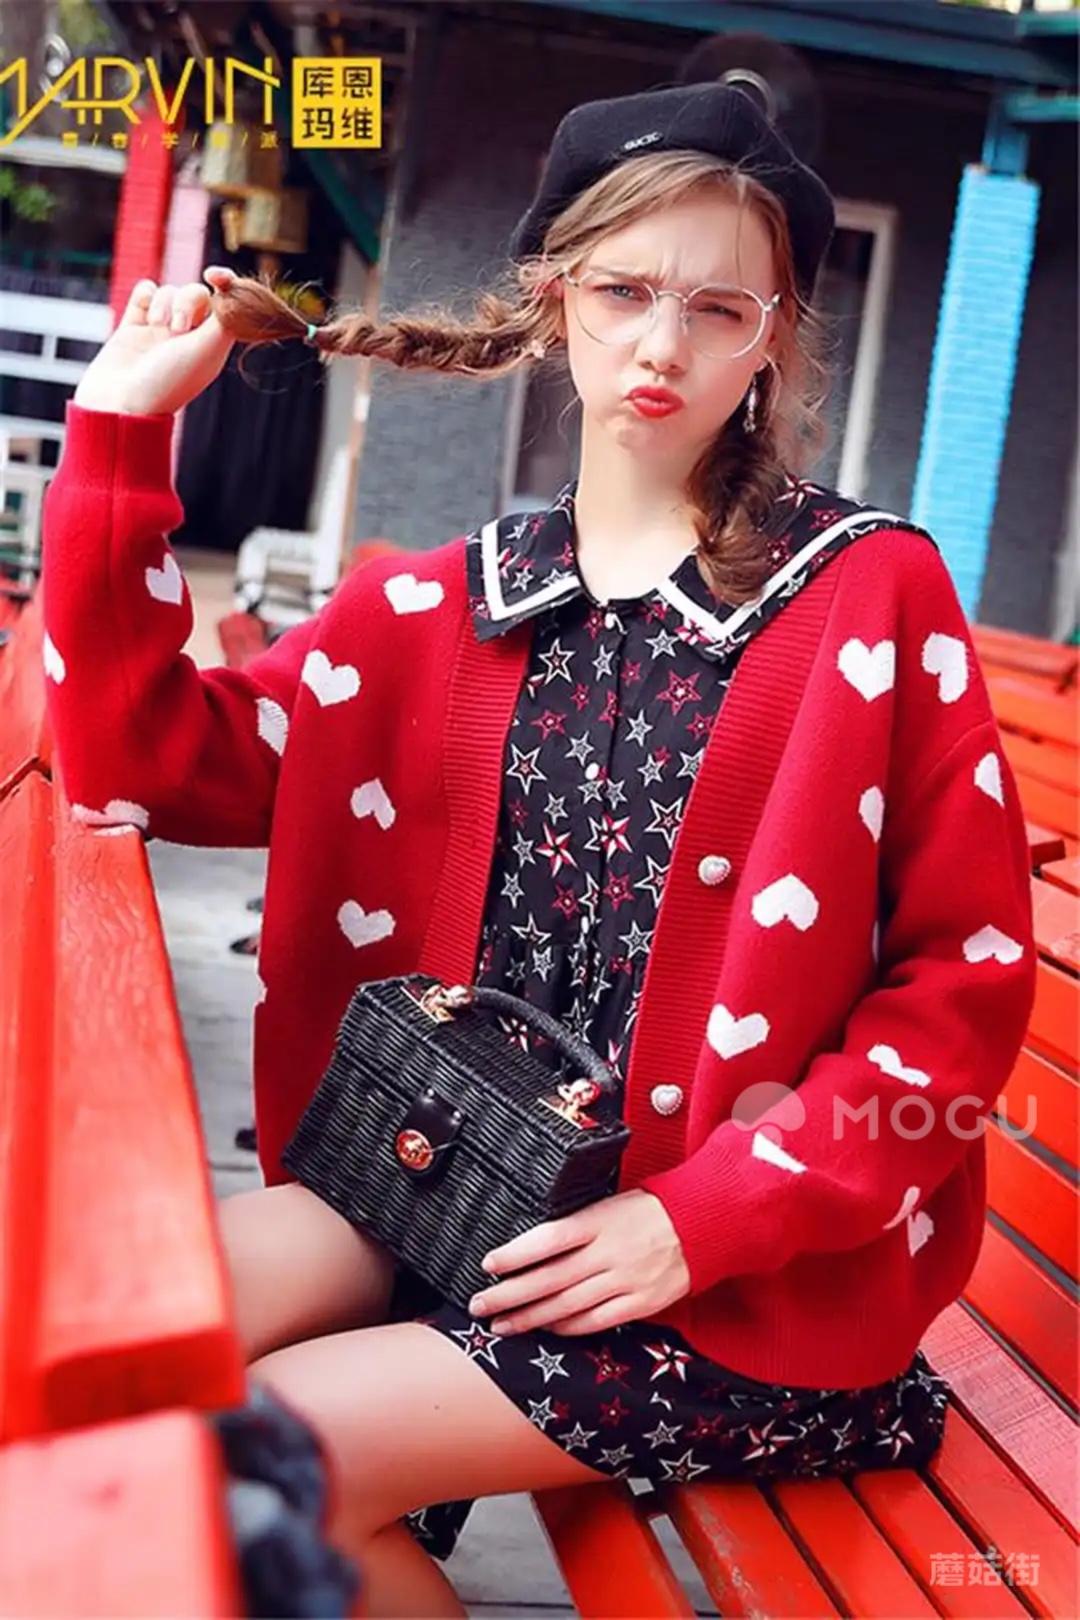 强力推荐!红色网红慵懒风毛衣! #30天打卡挑战#